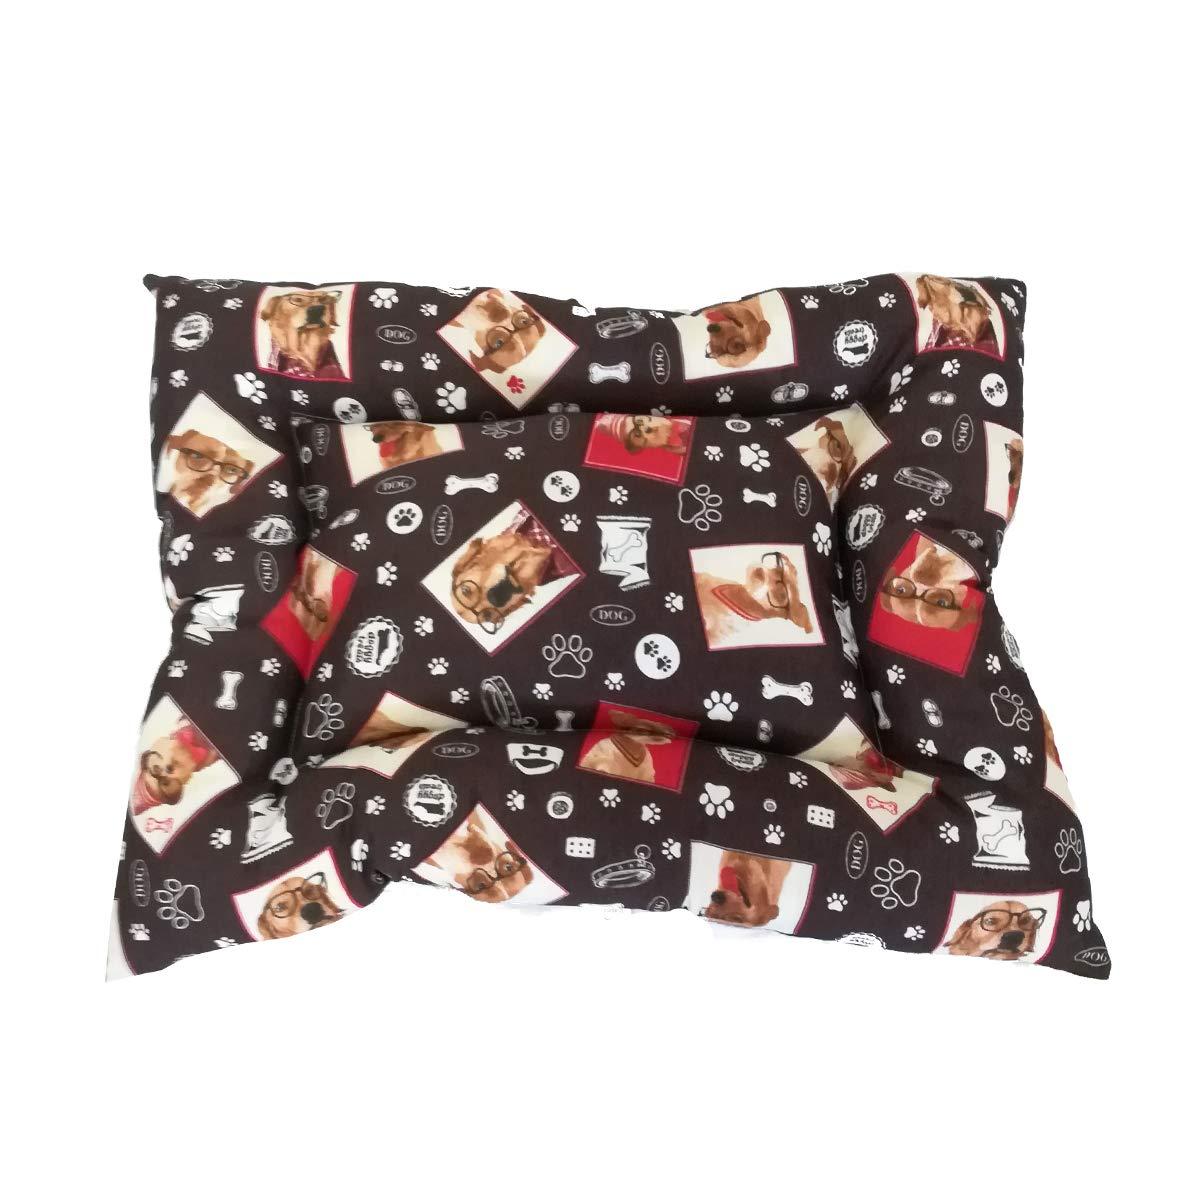 Cisne 2013, S.L. ¡Oferta! Cama para Perro y Gato Perritos con Gafas MARRÓN 55 * 40cm.: Amazon.es: Productos para mascotas